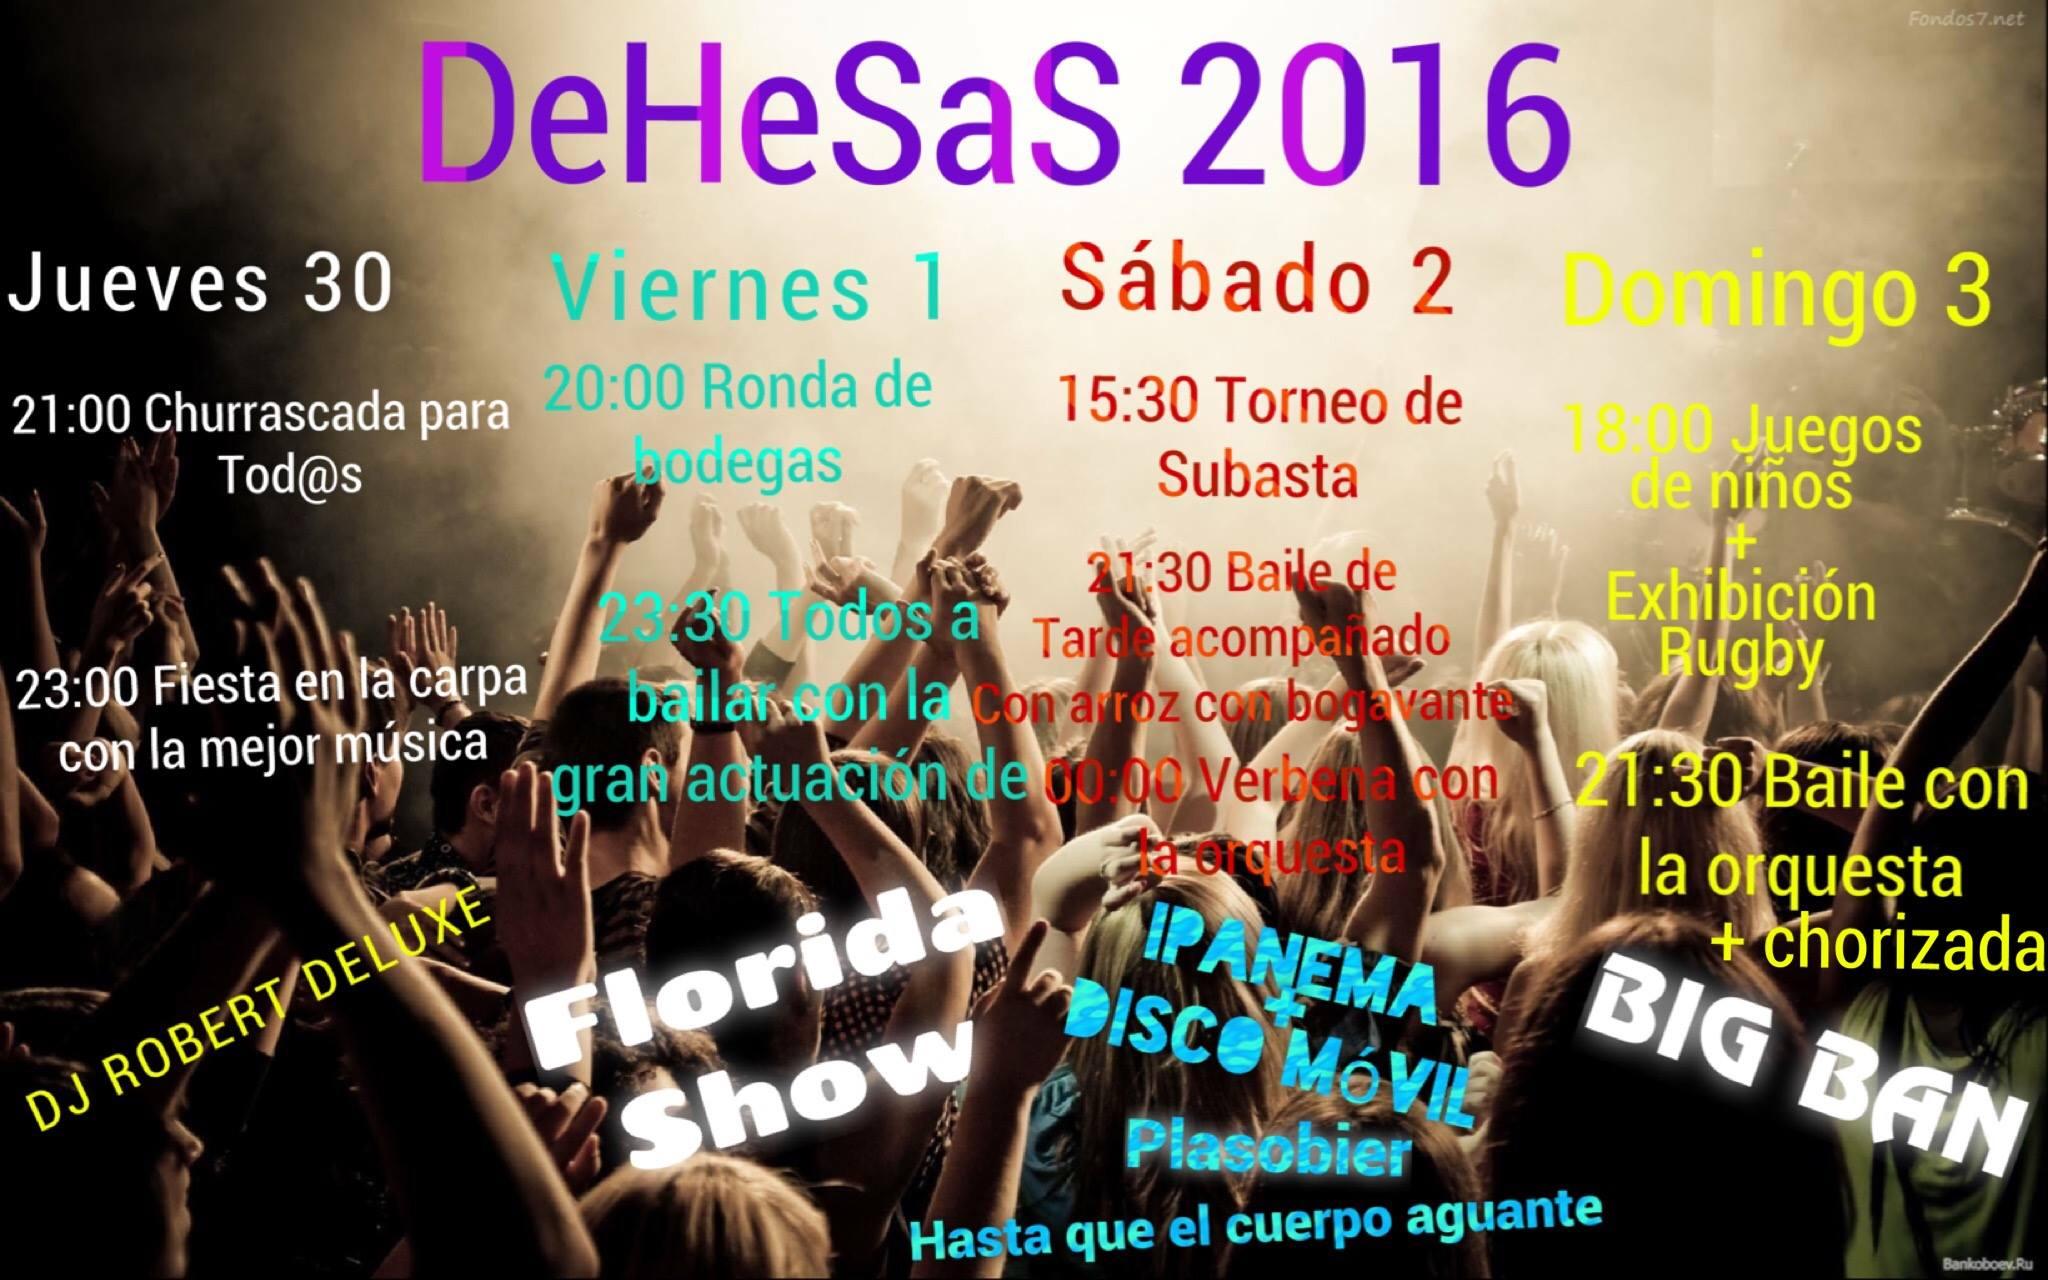 Fiestas en Dehesas 1